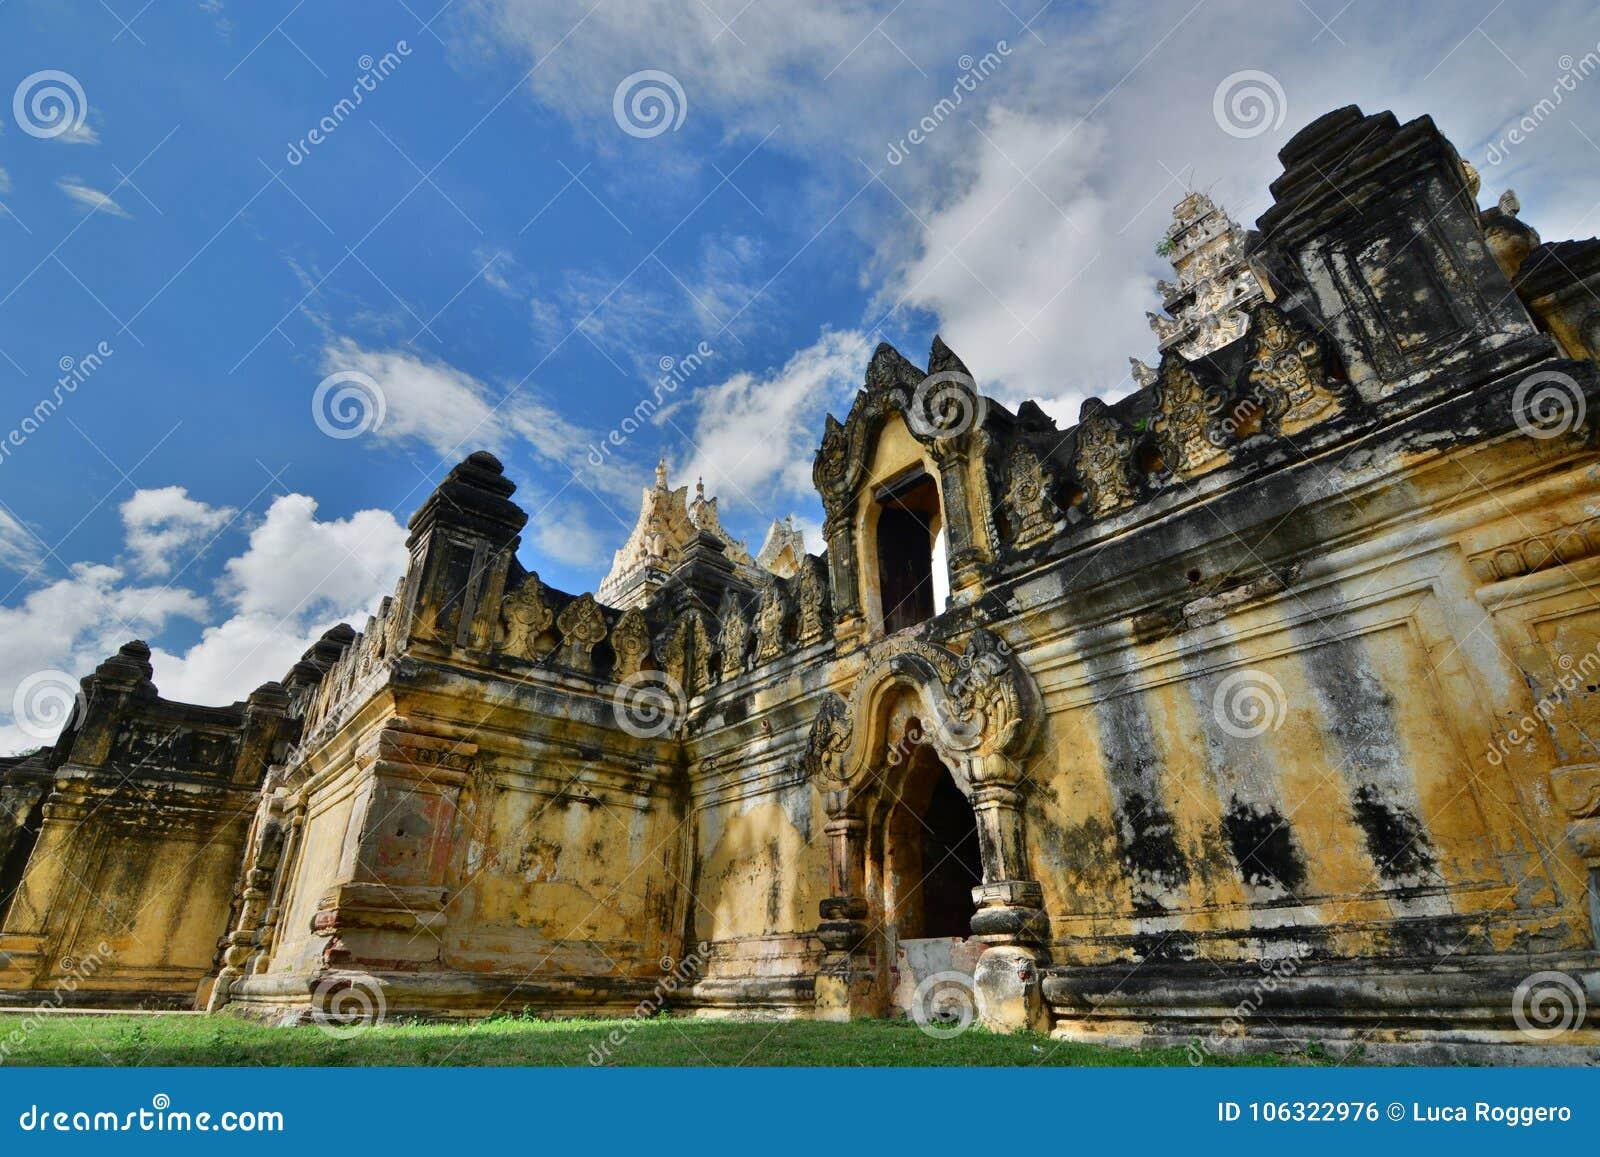 Maha Aungmye Bonzan Monastery Inwa Regione di Mandalay myanmar